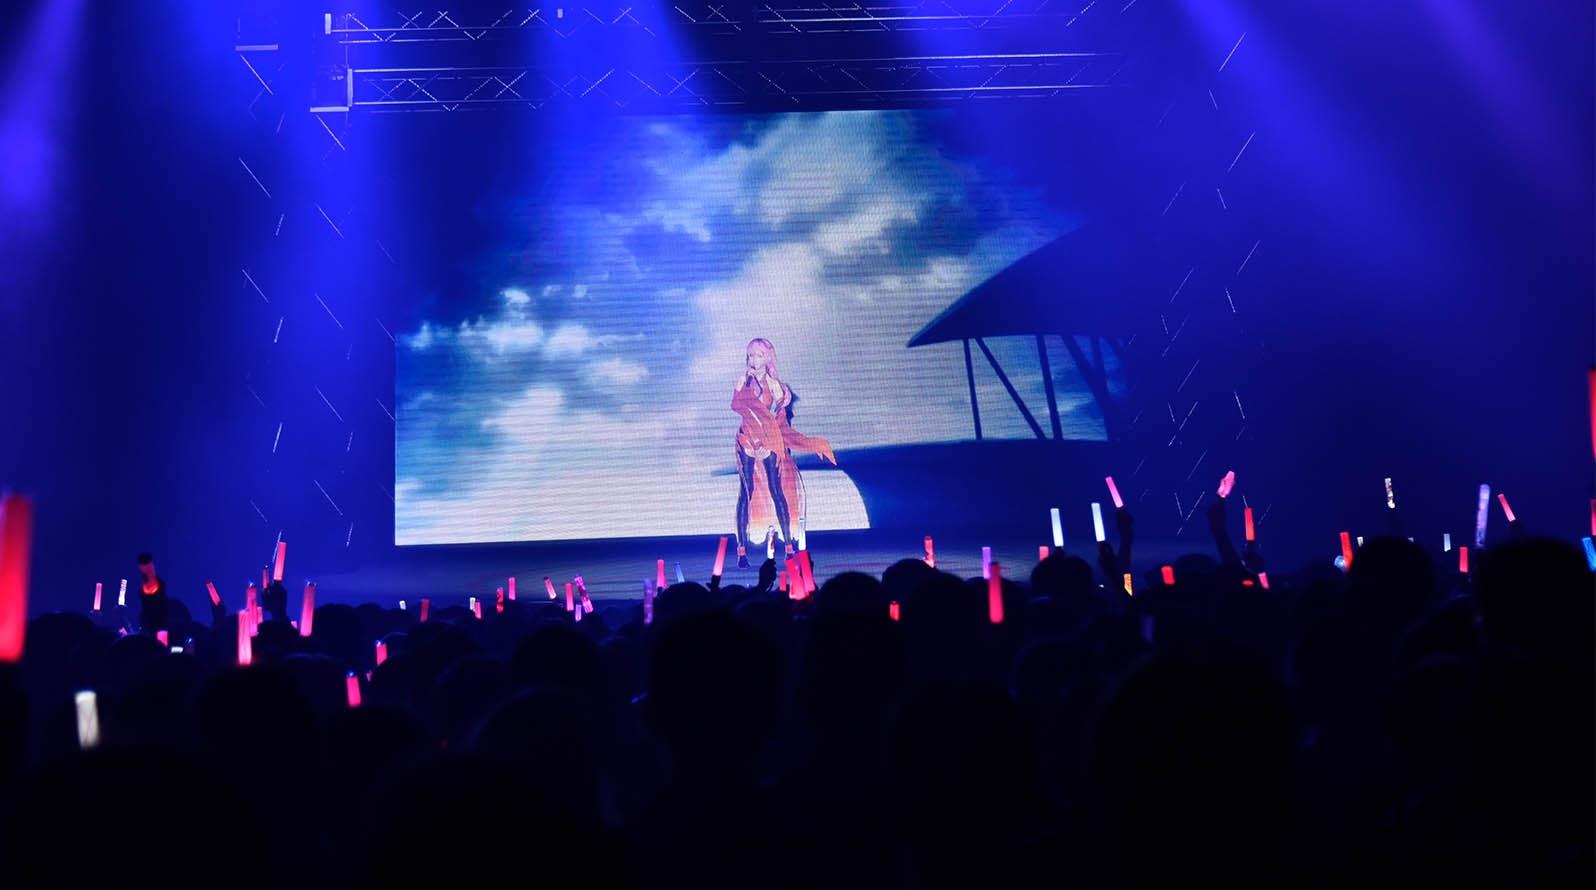 【迷迷現場】EGOIST二度來台 最新技術首度使用 純淨完美歌聲感動人心